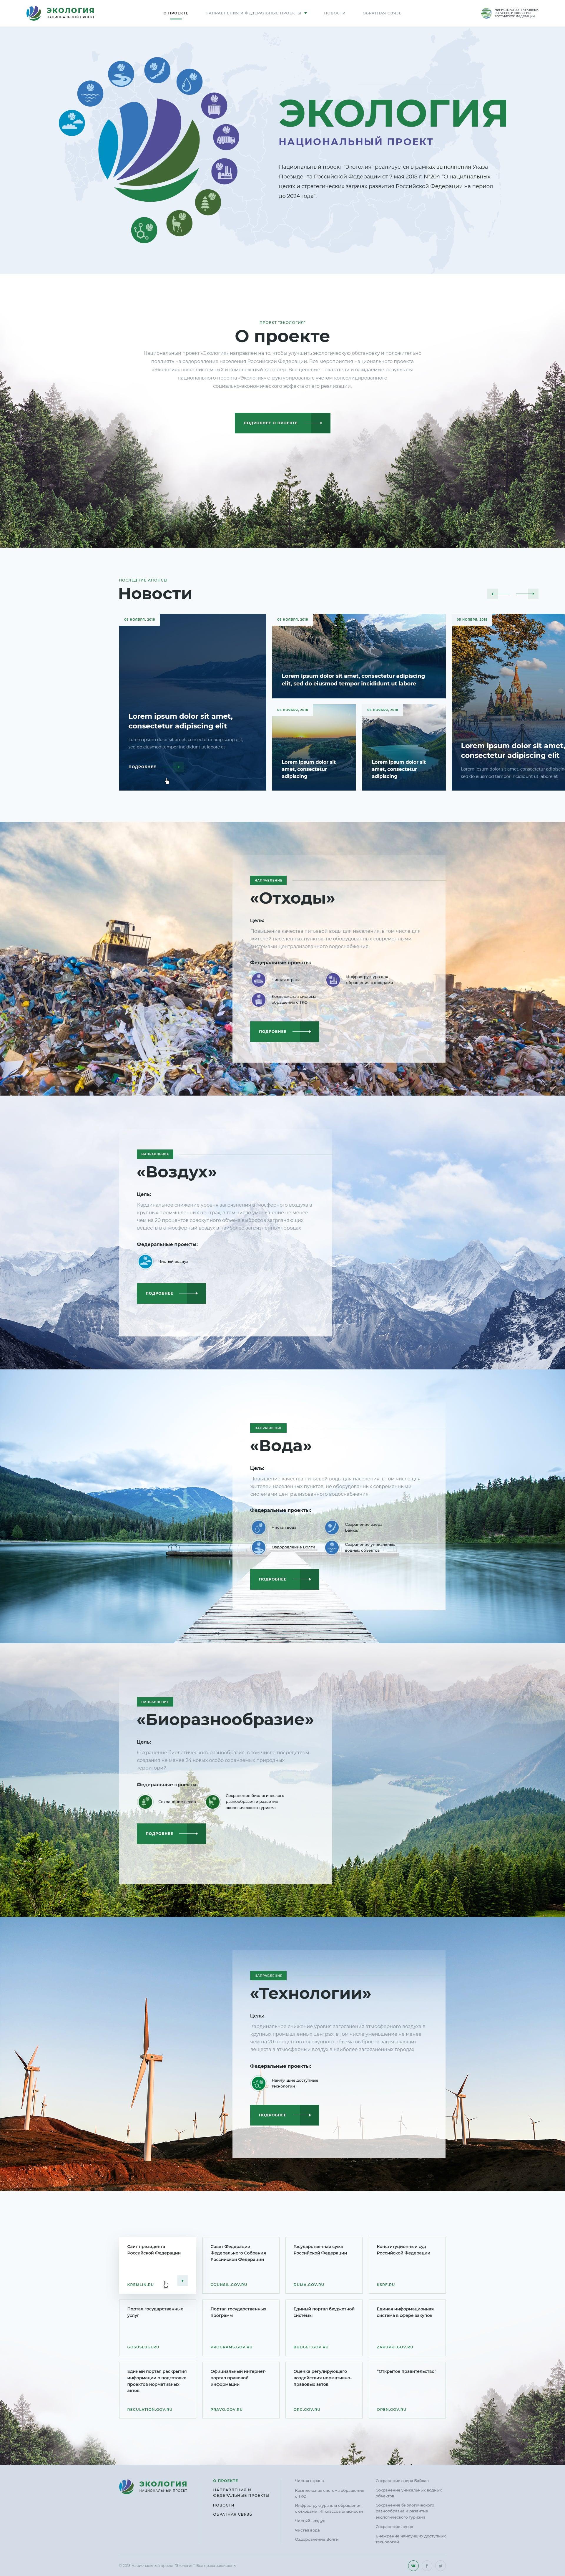 Дизайн сайта национального проекта Экология